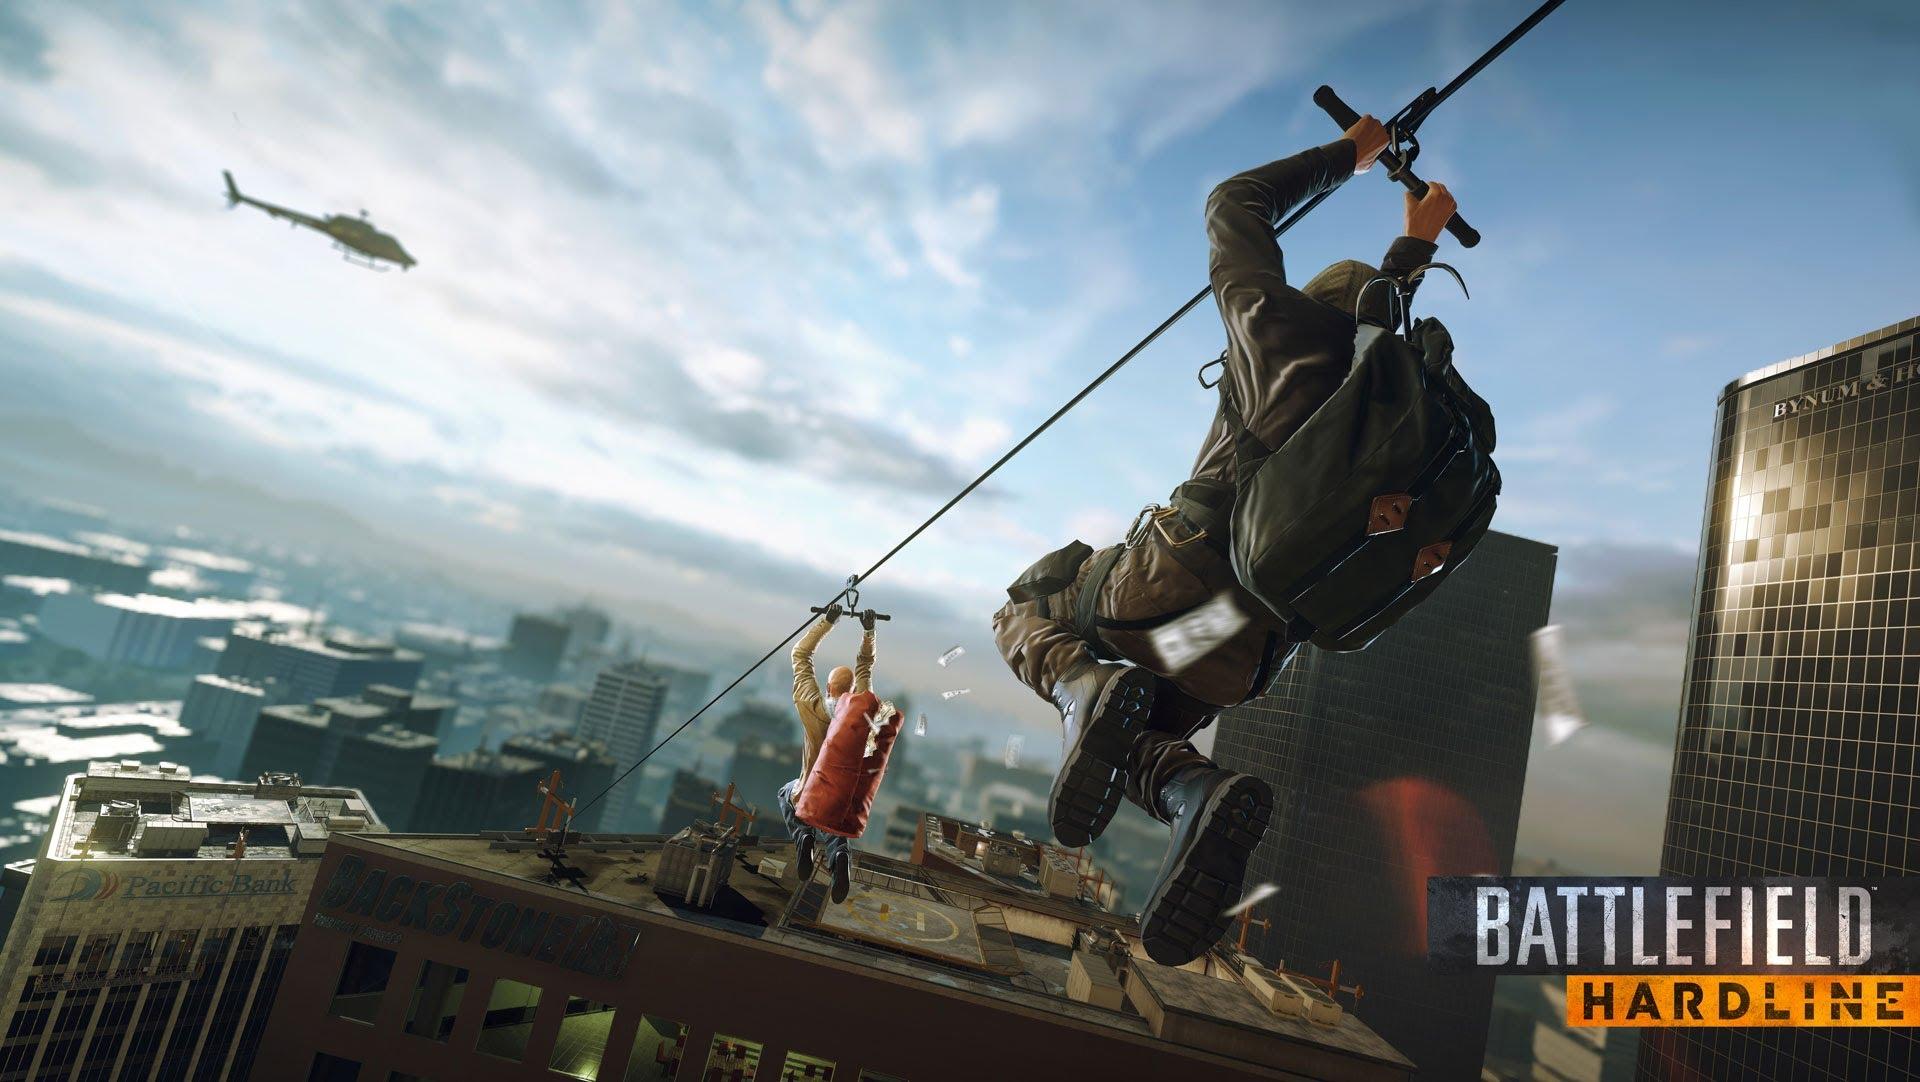 『バトルフィールド ハードライン』北米発売日が2015年3月17日、欧州発売日が3月19日に決定